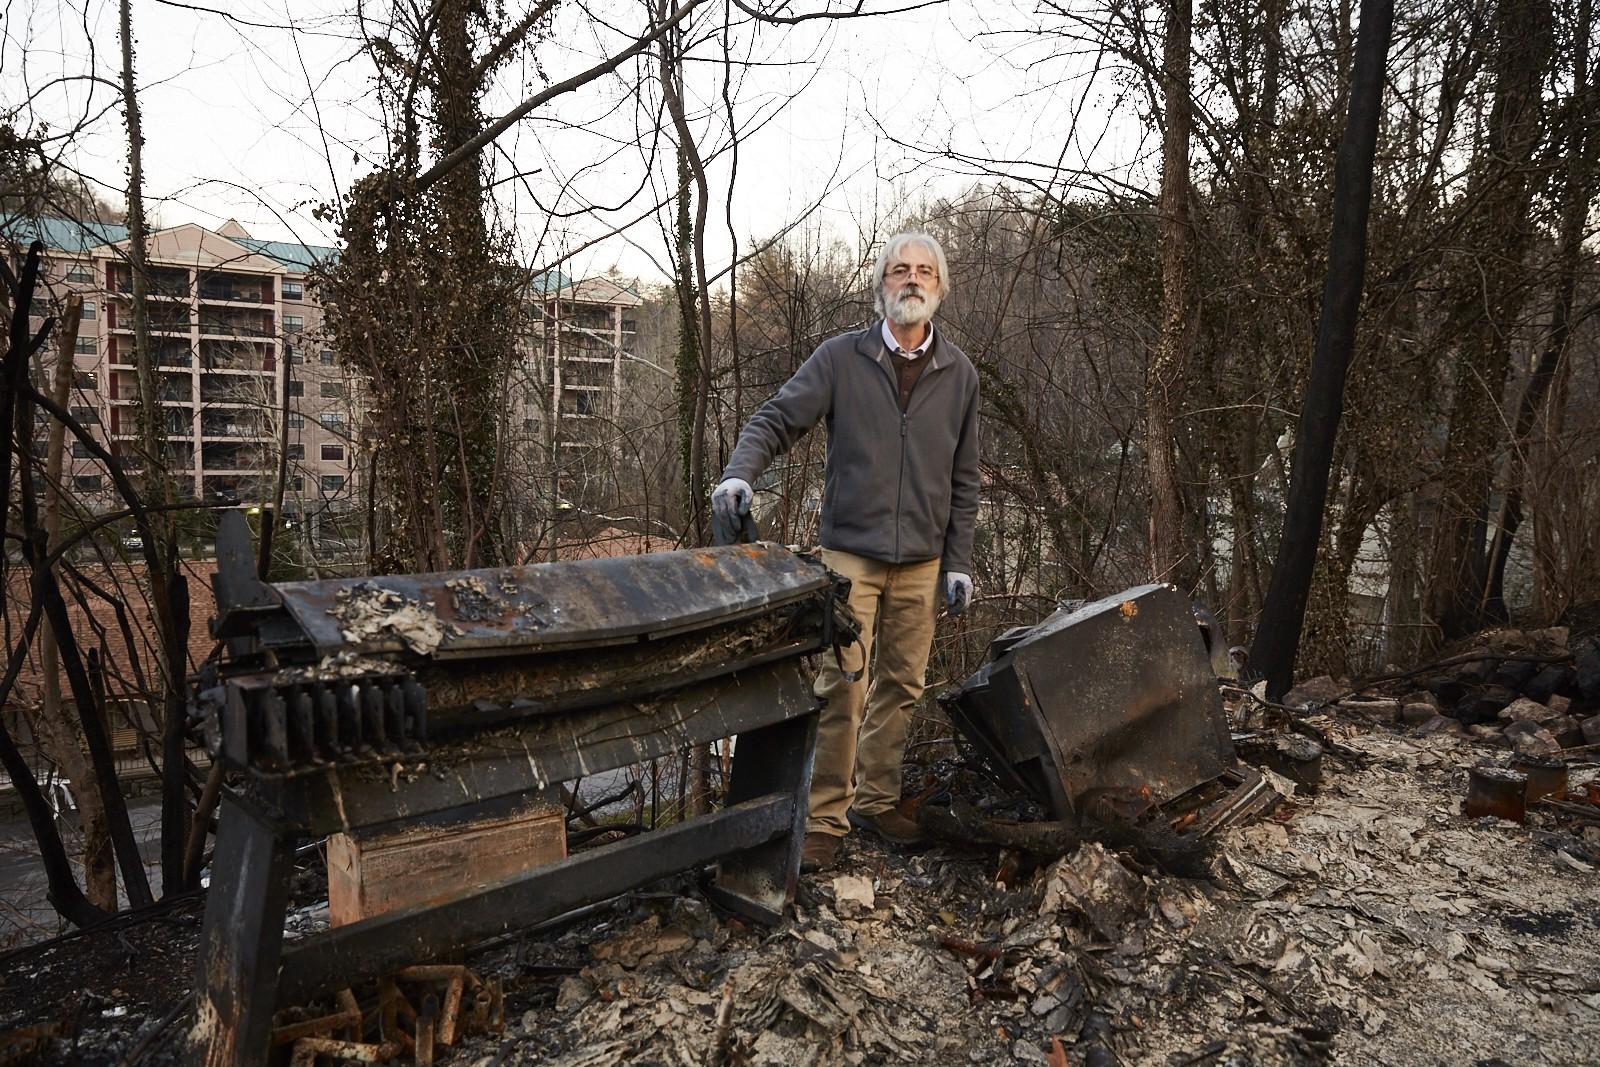 Serie fotográfica que muestra el dolor de perder todo en un incendio